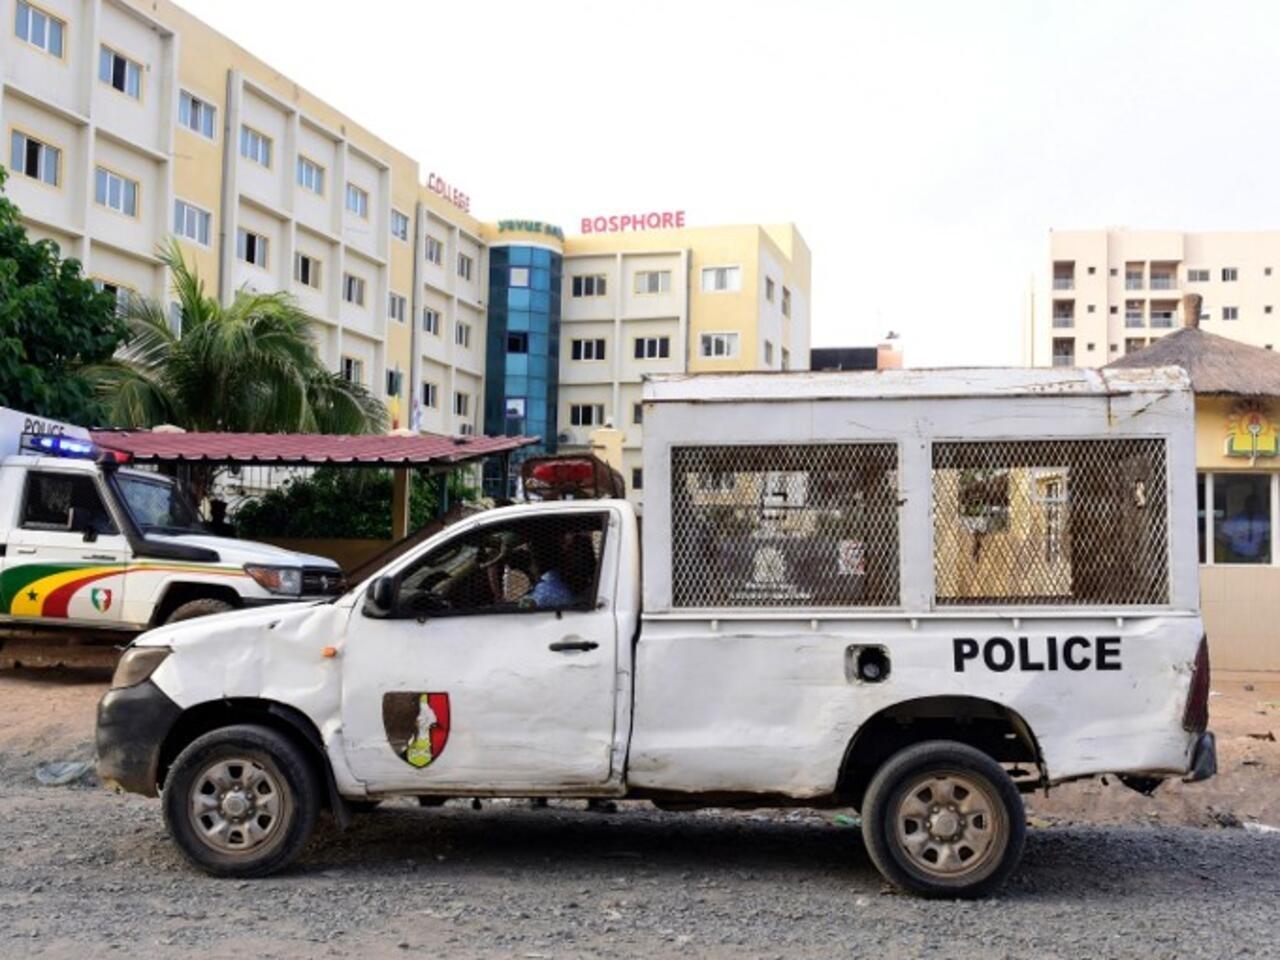 Sénégal: un policier suspendu après avoir giflé un motard